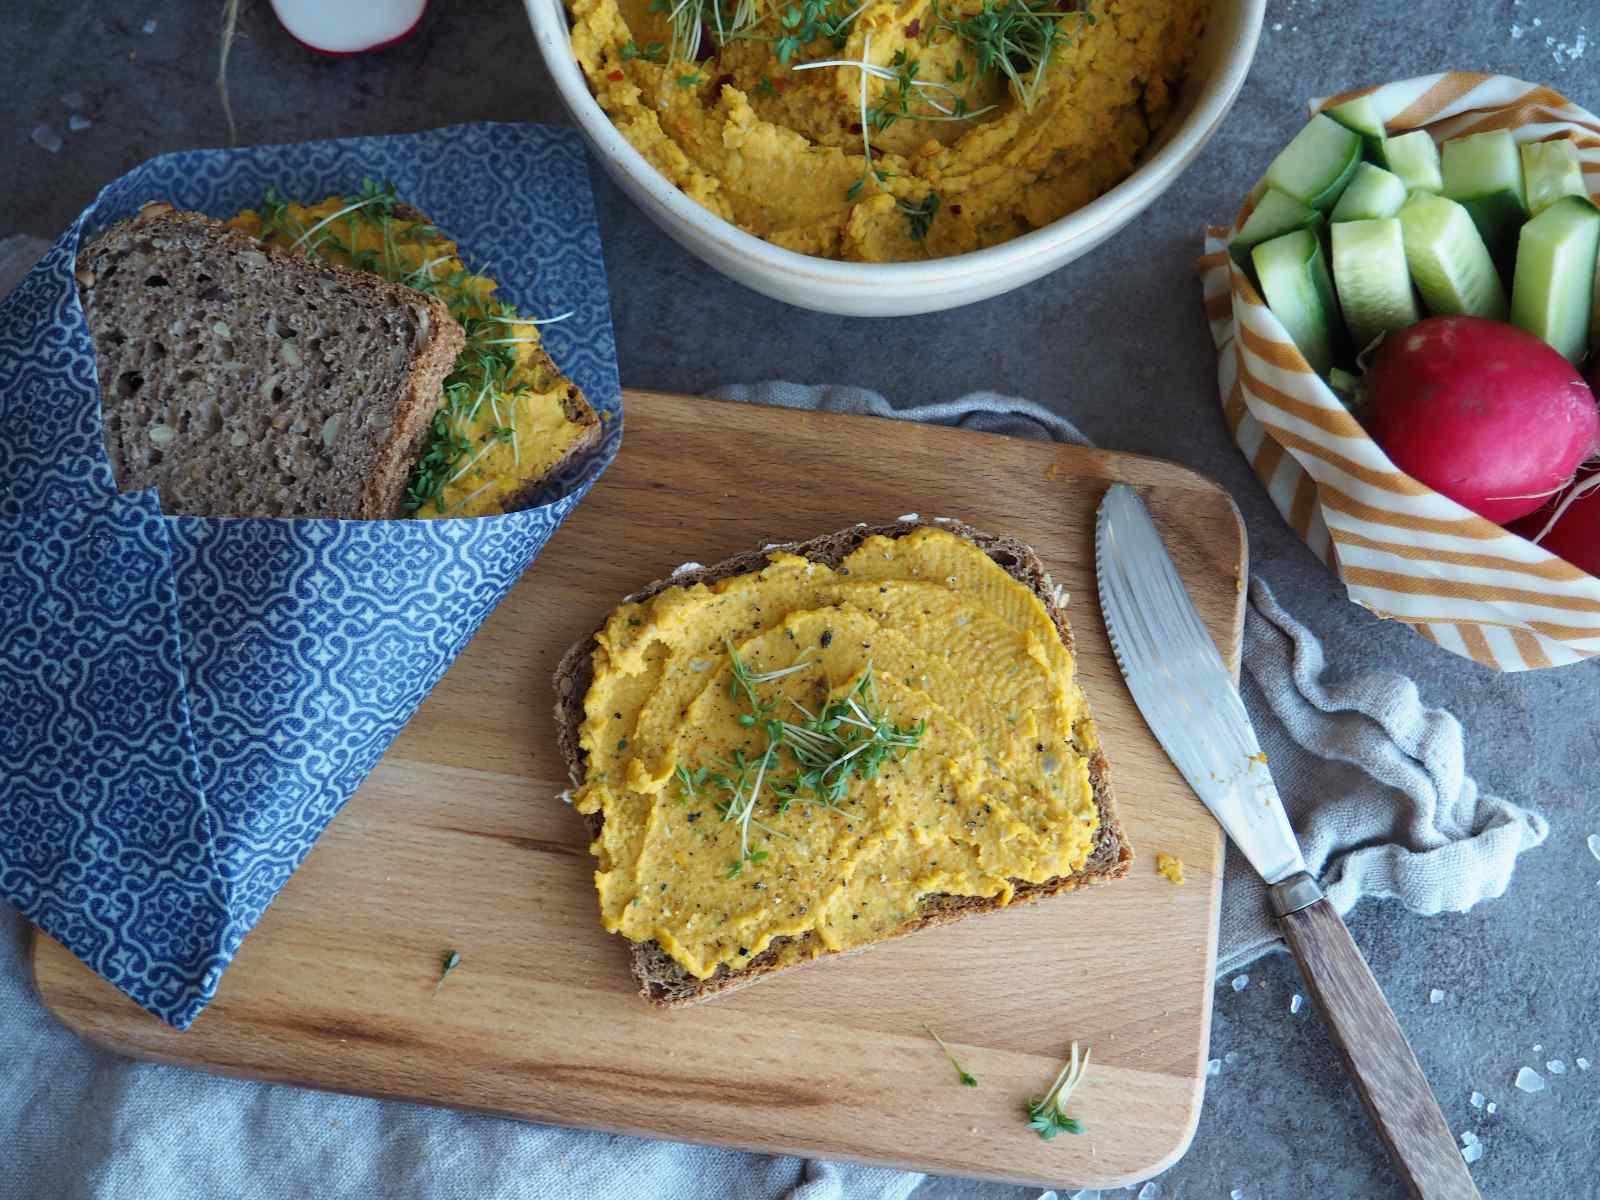 Möhren-Hummus mit Kresse